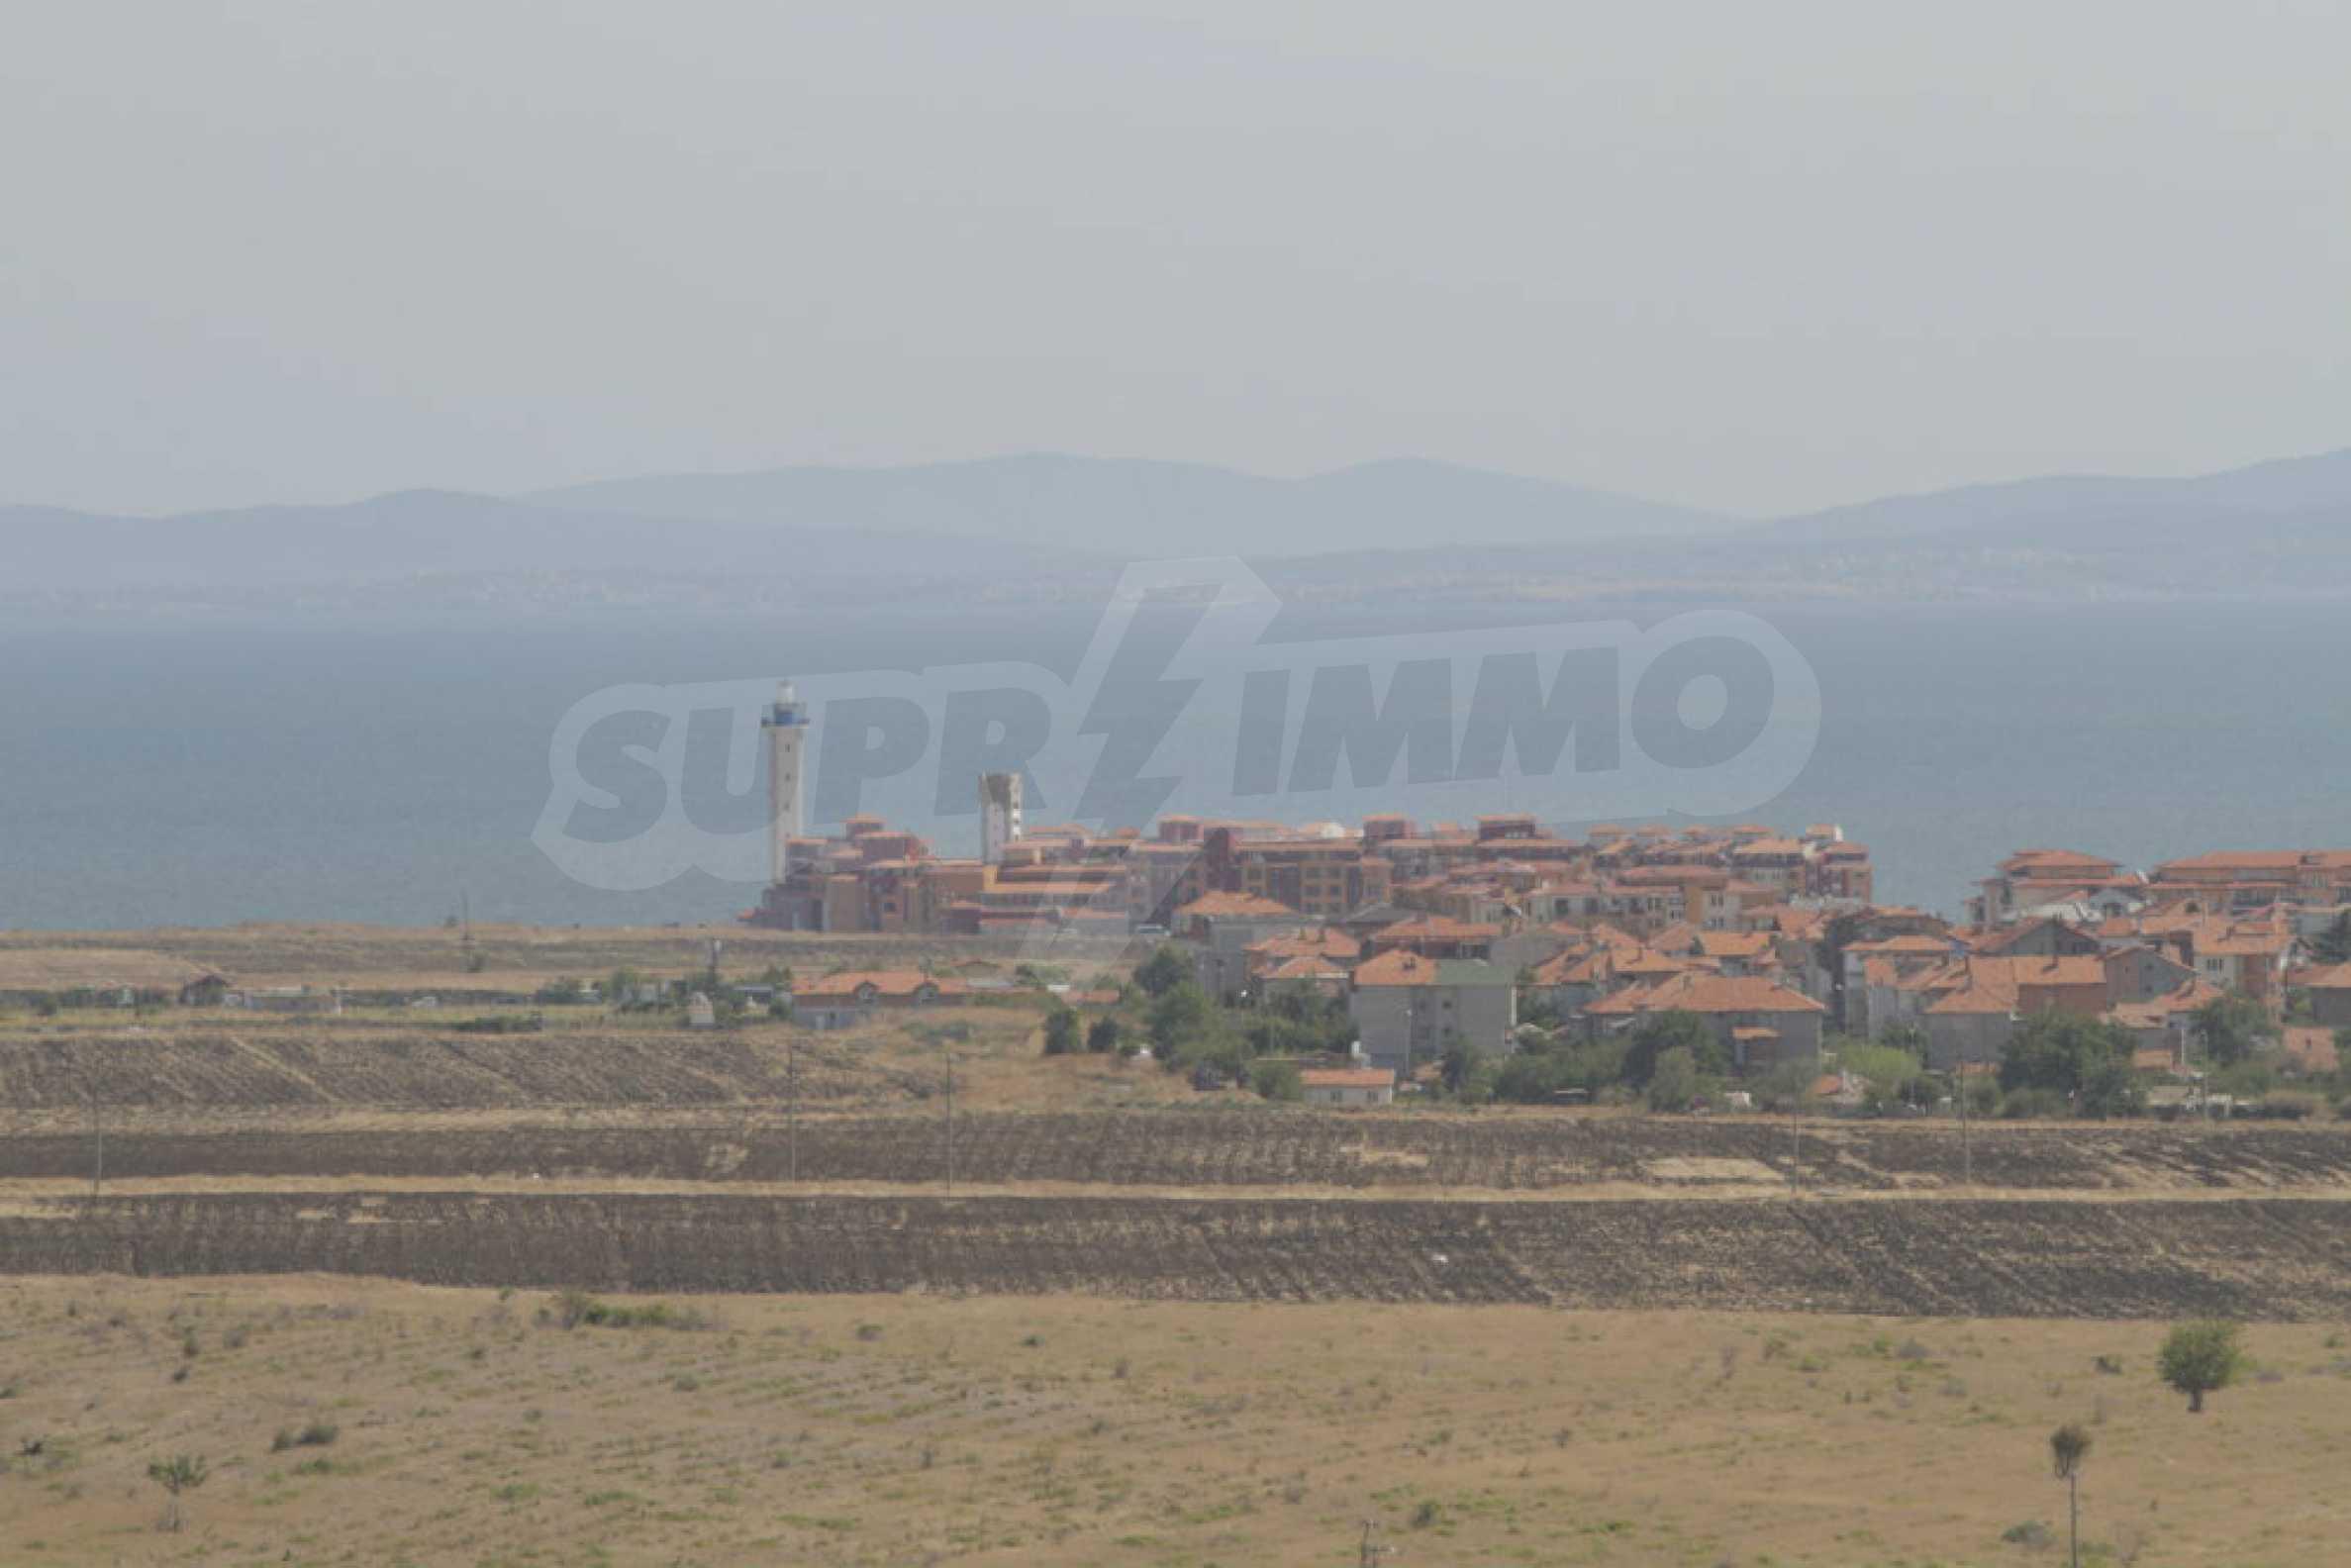 Attraktives Grundstück für Investieren in der Nähe des historischen Komplexes Aheloy 917 und Sonnenstrand, bei Tankowo und Aheloy 29